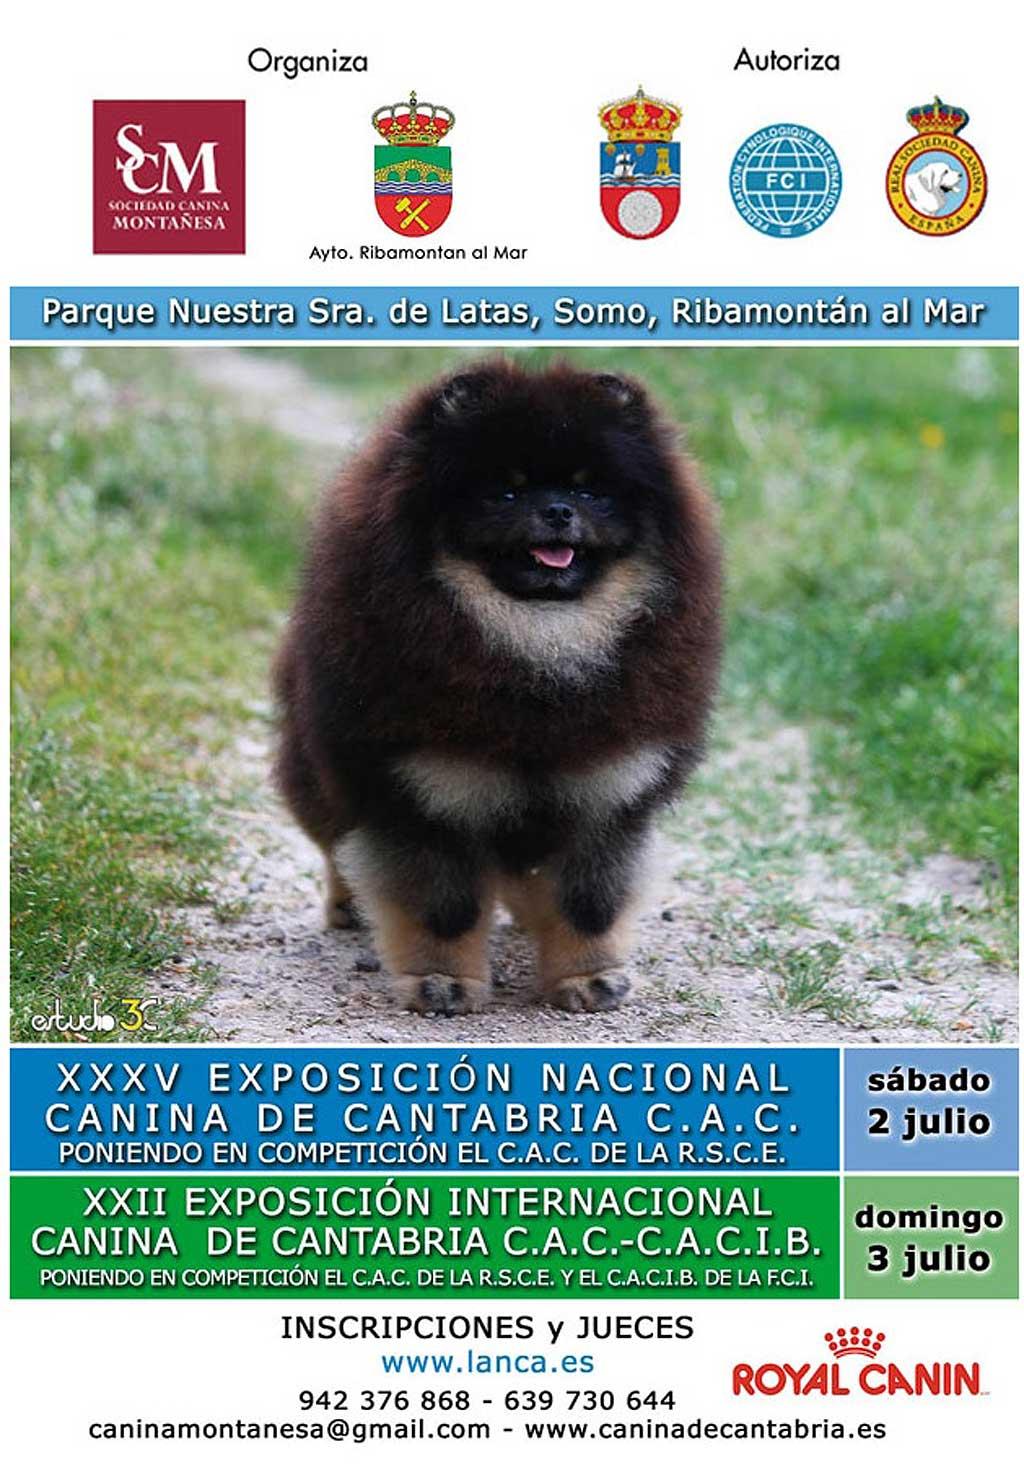 Expo-canina-Cantabria-2016